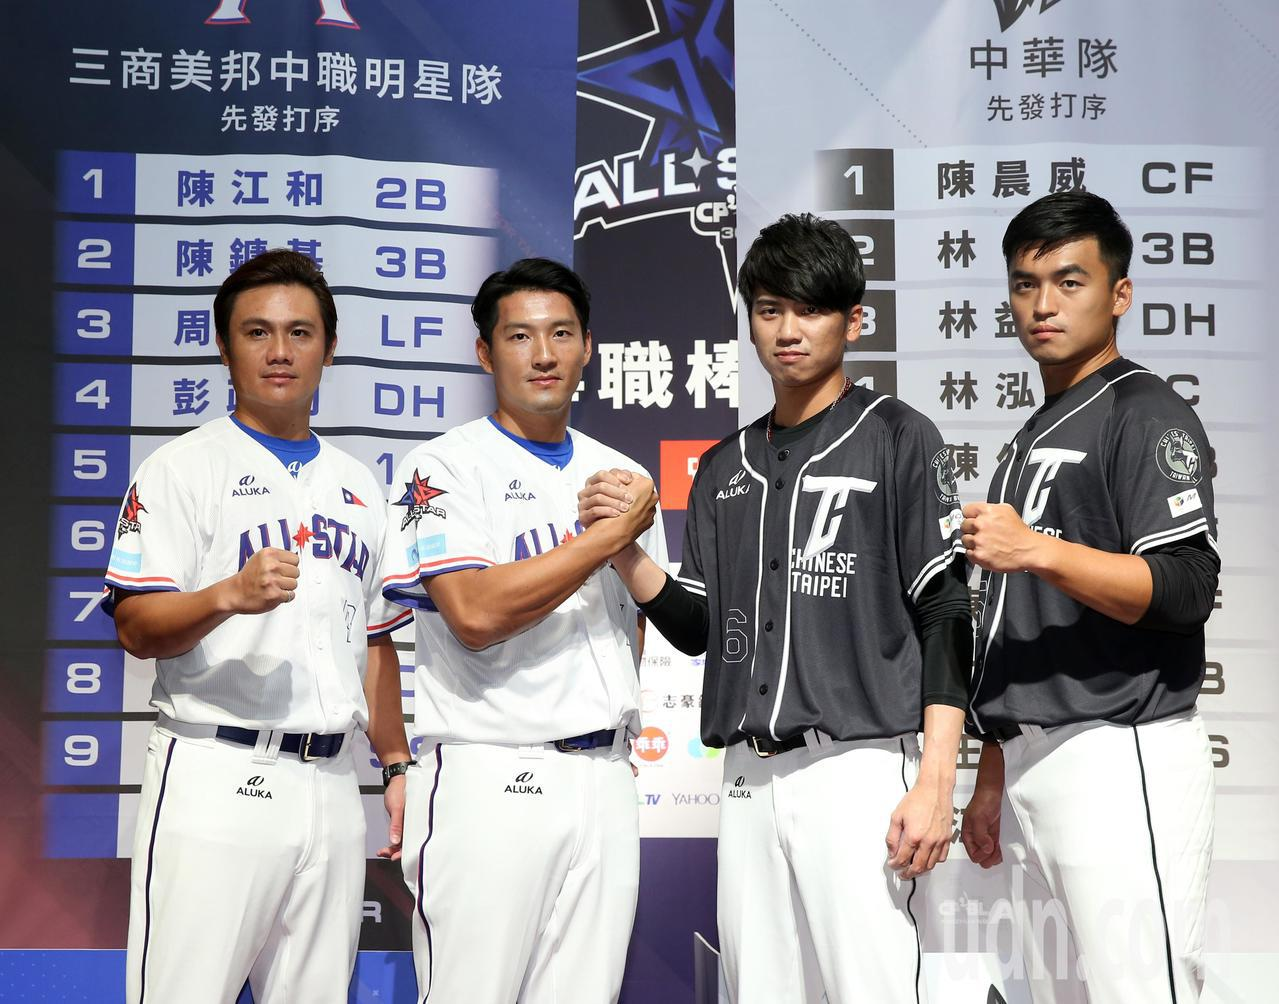 朱育賢(右起)、王威晨、林哲瑄與陳鏞基。記者林澔一/攝影